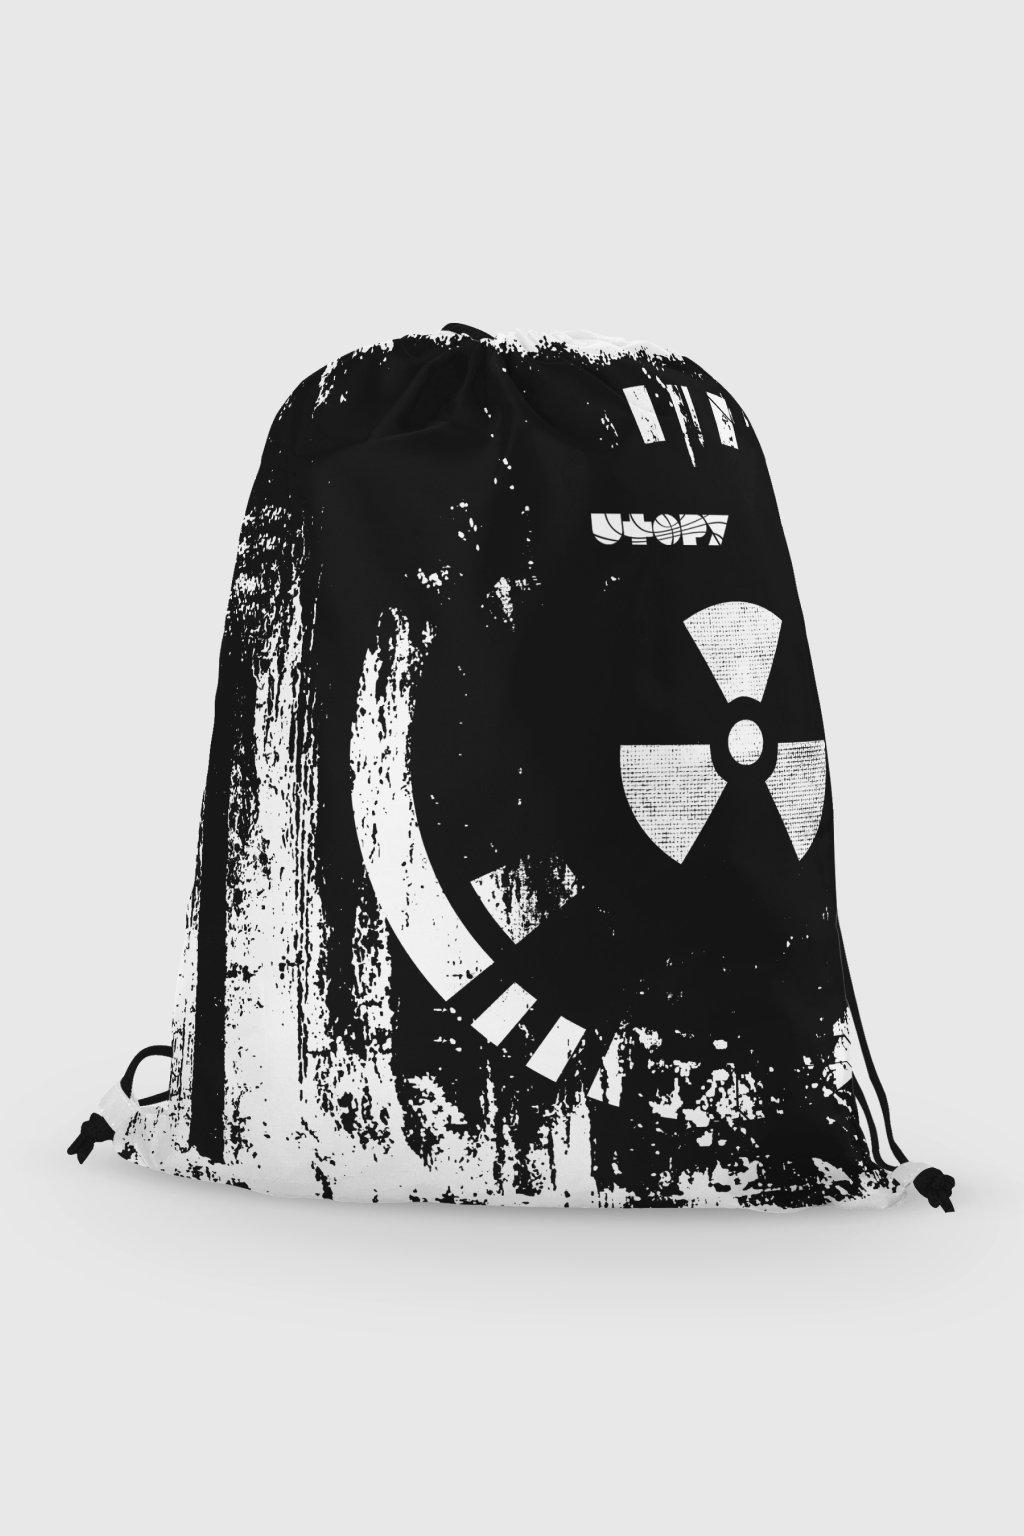 Vak Nuclear Power (1)